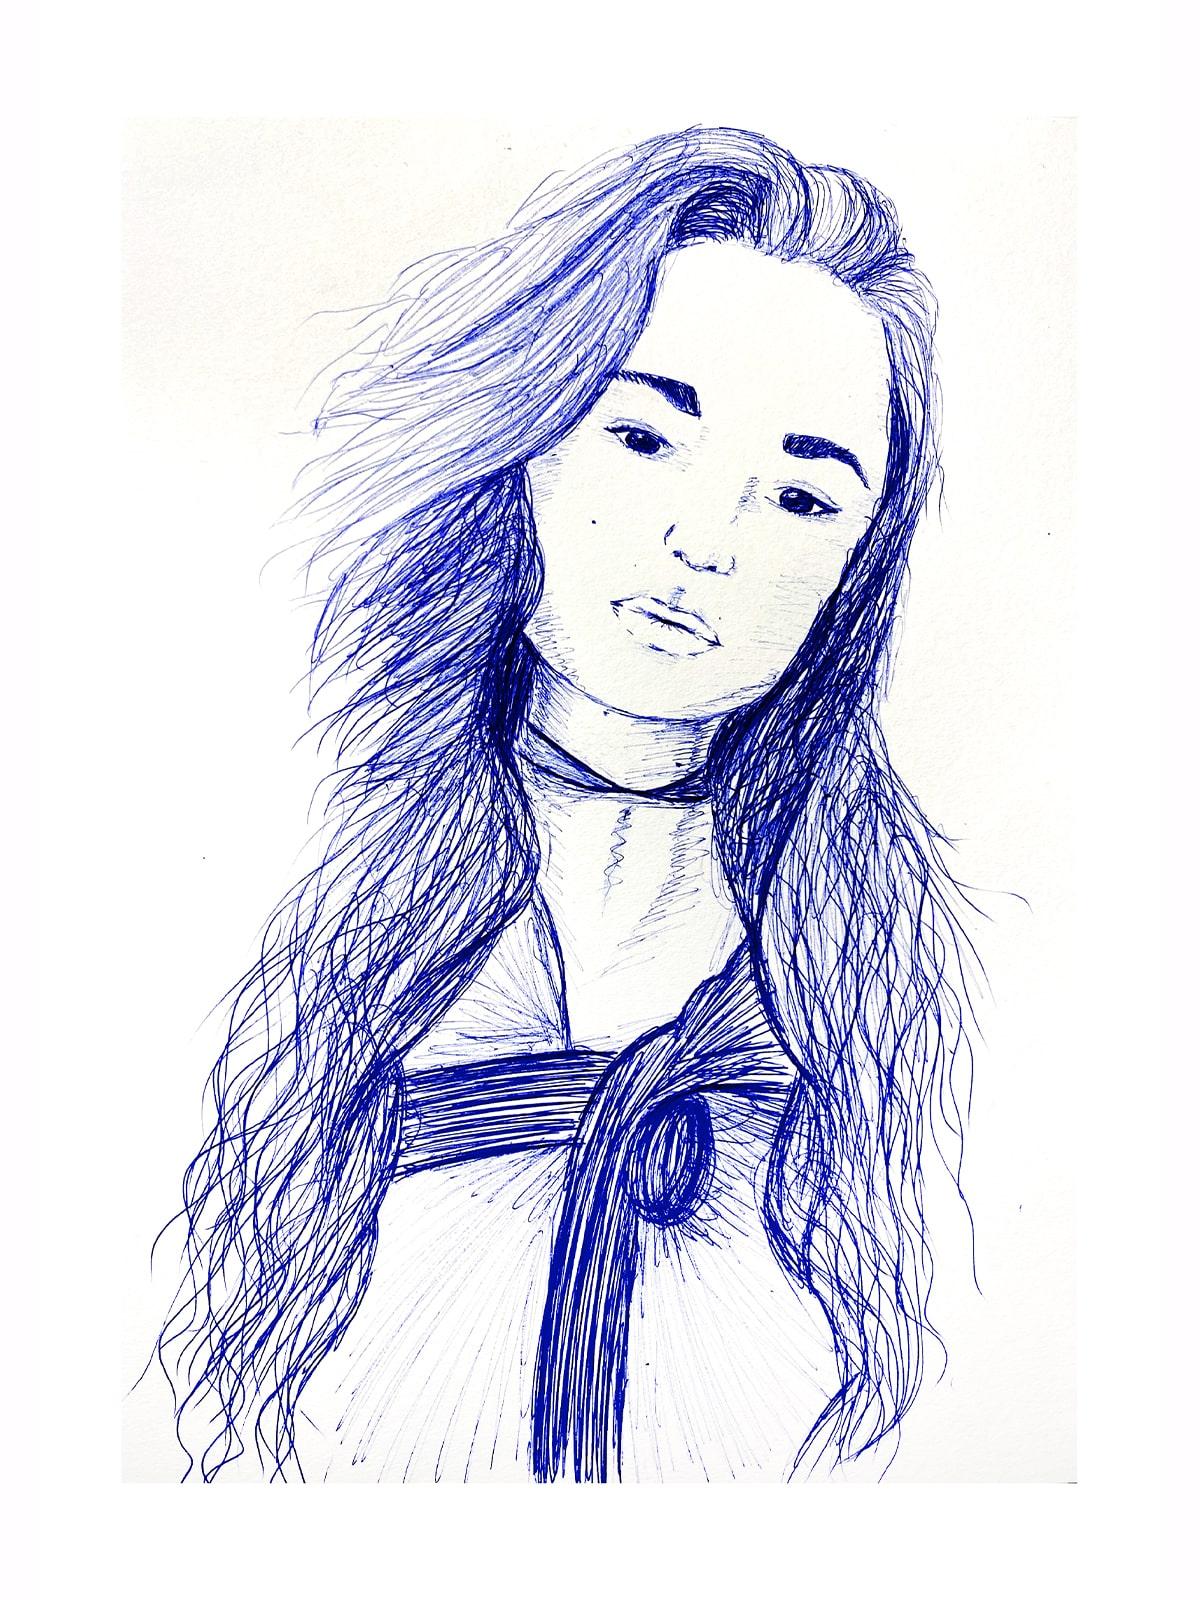 Emeline_Poinsignon_autoportrait-min